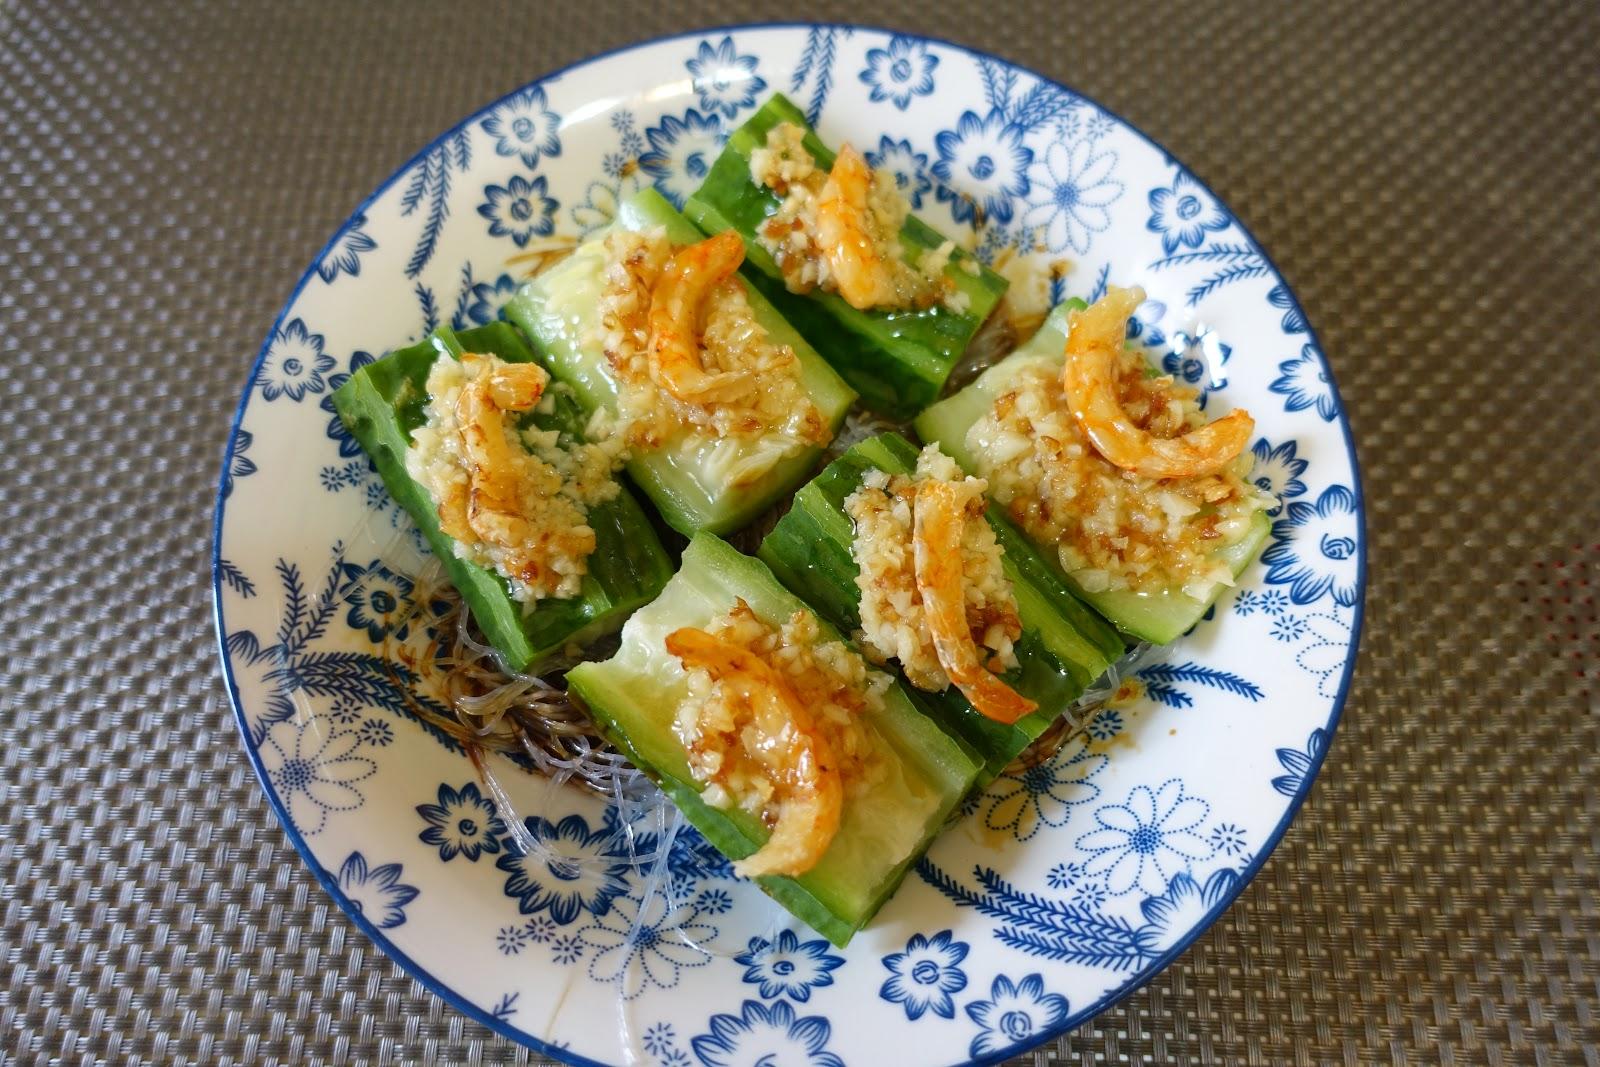 小安琪~ ~因為喜歡吃。想同大家分享些簡單、容易、方便、又味美之食譜 哈~ ~: 蒜香蝦干蒸勝瓜